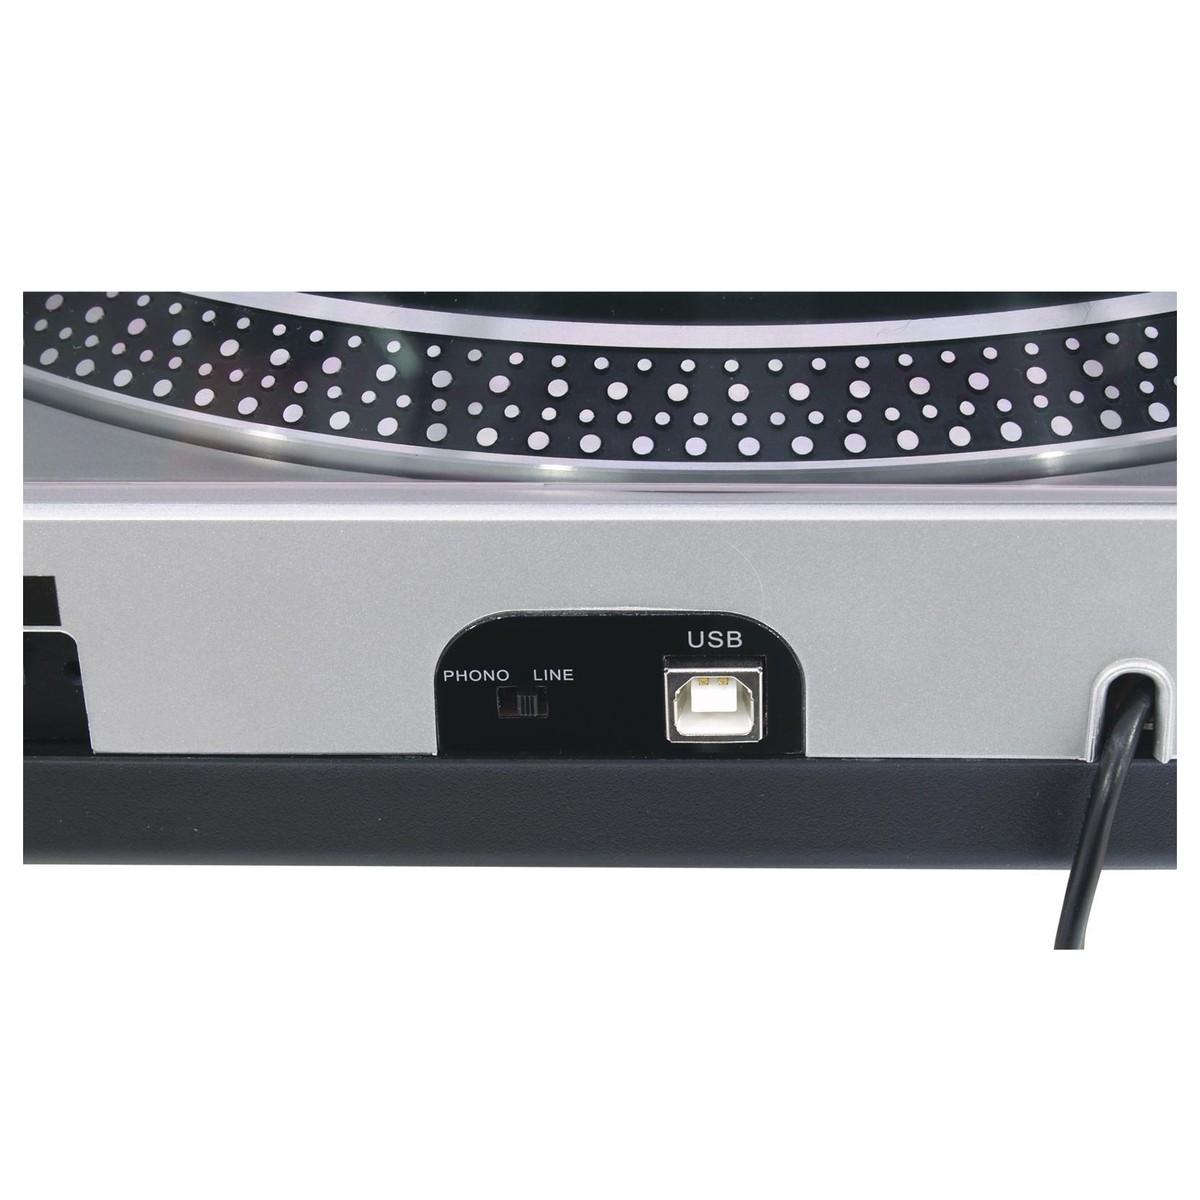 OMNITRONIC DD-2550 USB GIRADISCHI PER DJ TRAZIONE DIRETTA SILVER 3